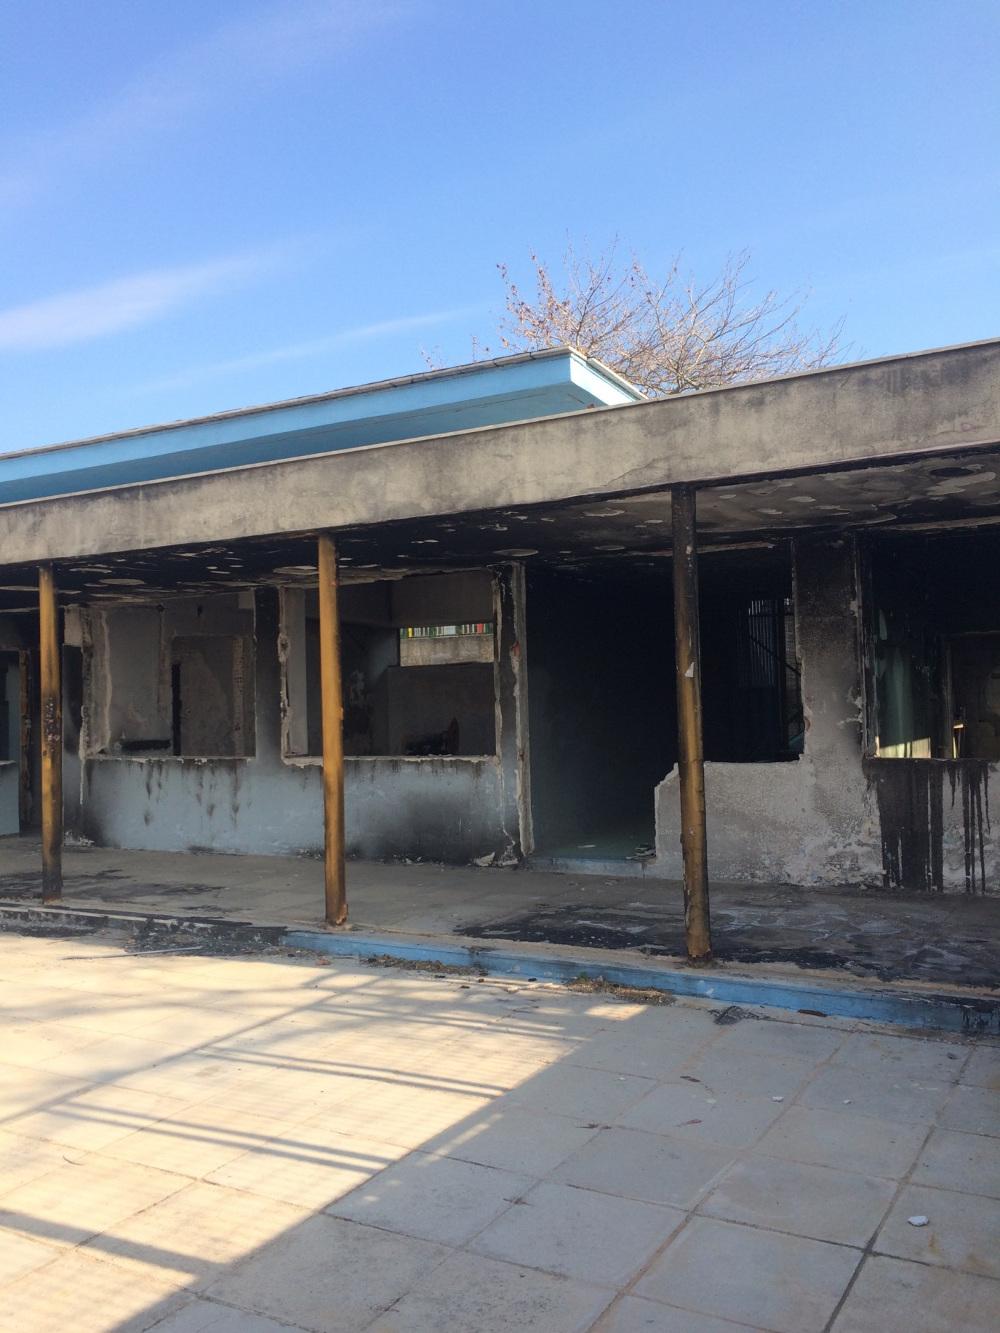 Κατεστραμμένο από την πυρκαγιά το ειδικό σχολείο Ραφήνας